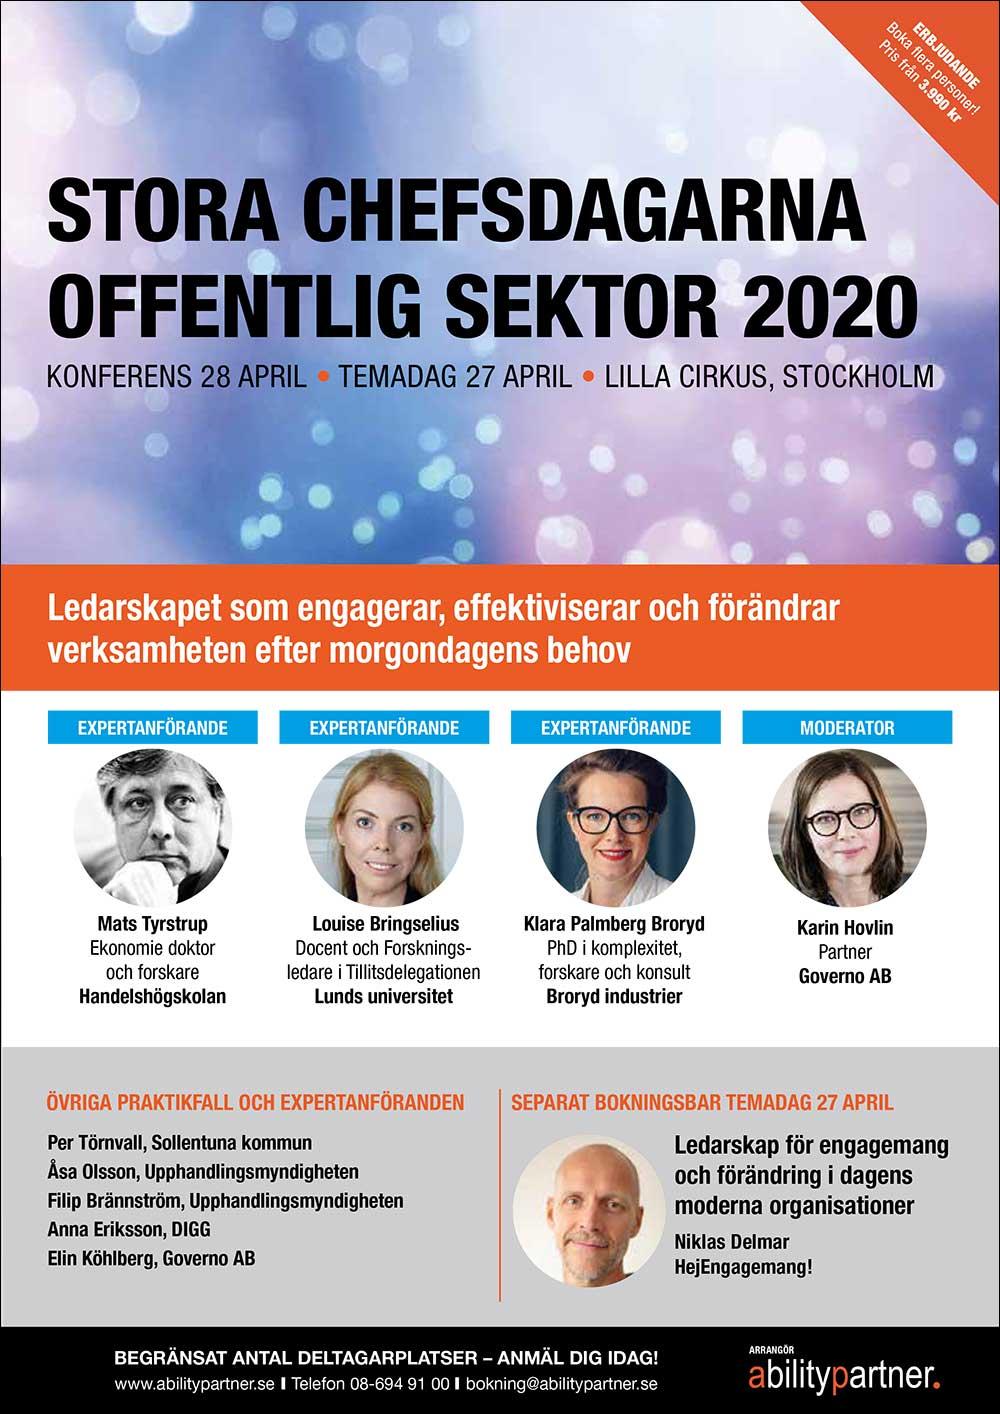 Konferens 28 april